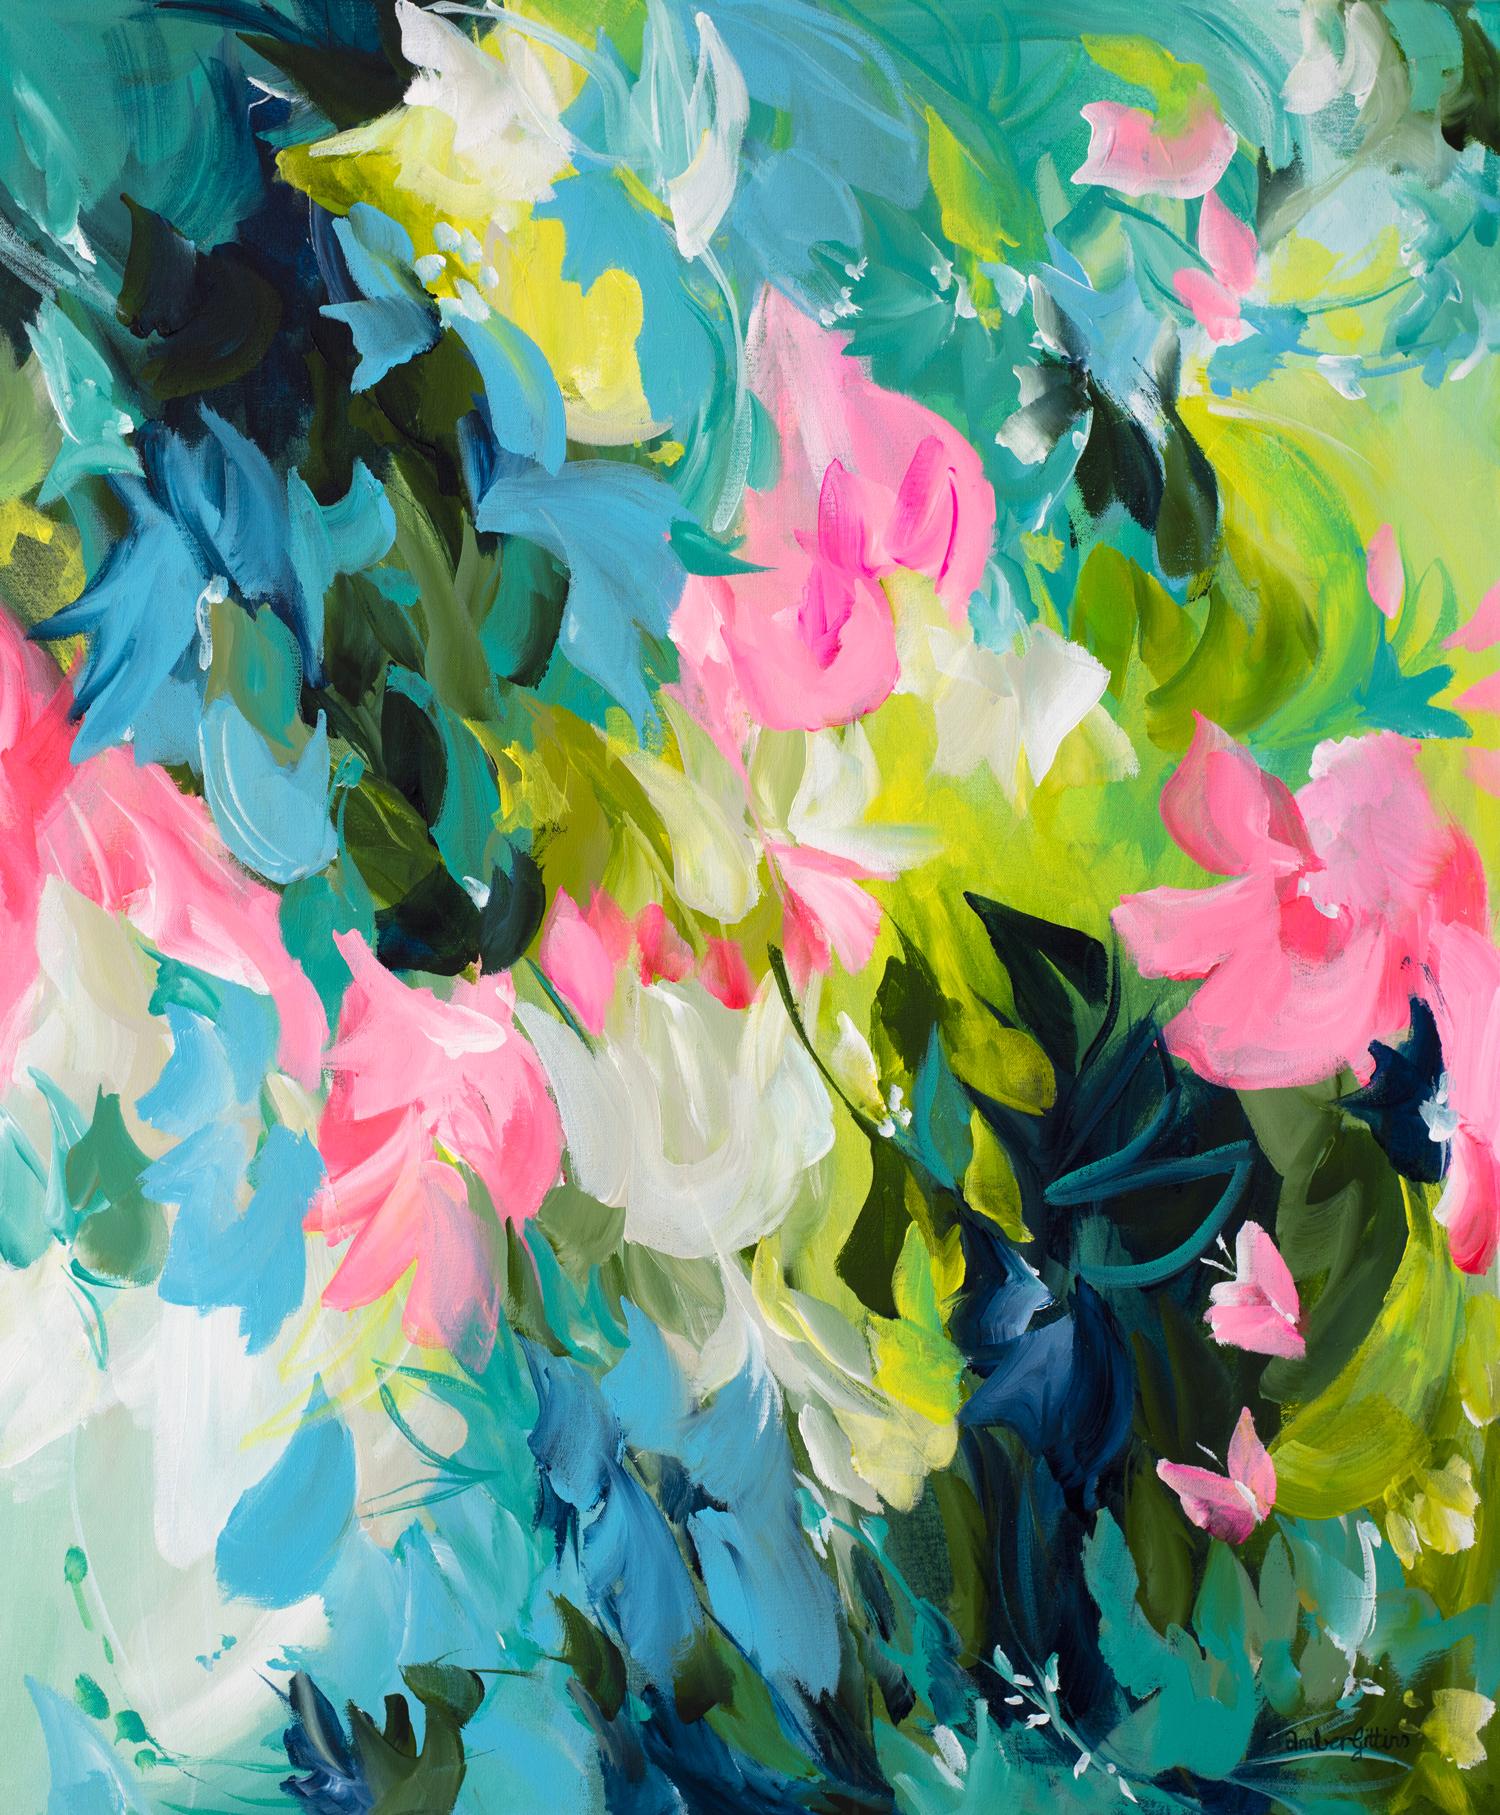 Sweet Delight By Amber Gittins